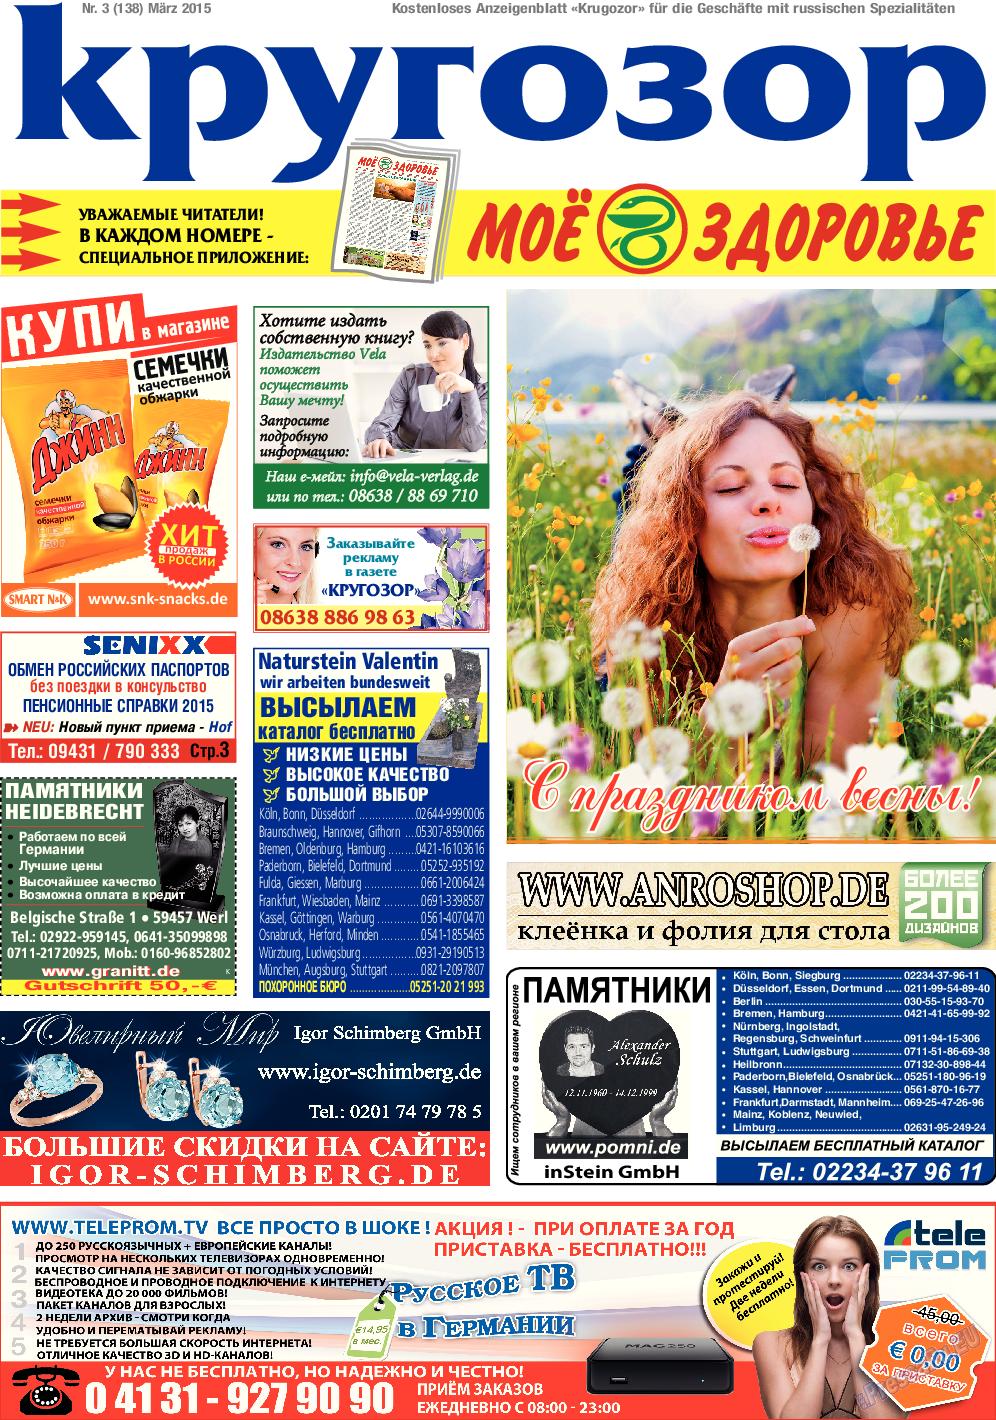 Кругозор (газета). 2015 год, номер 3, стр. 1